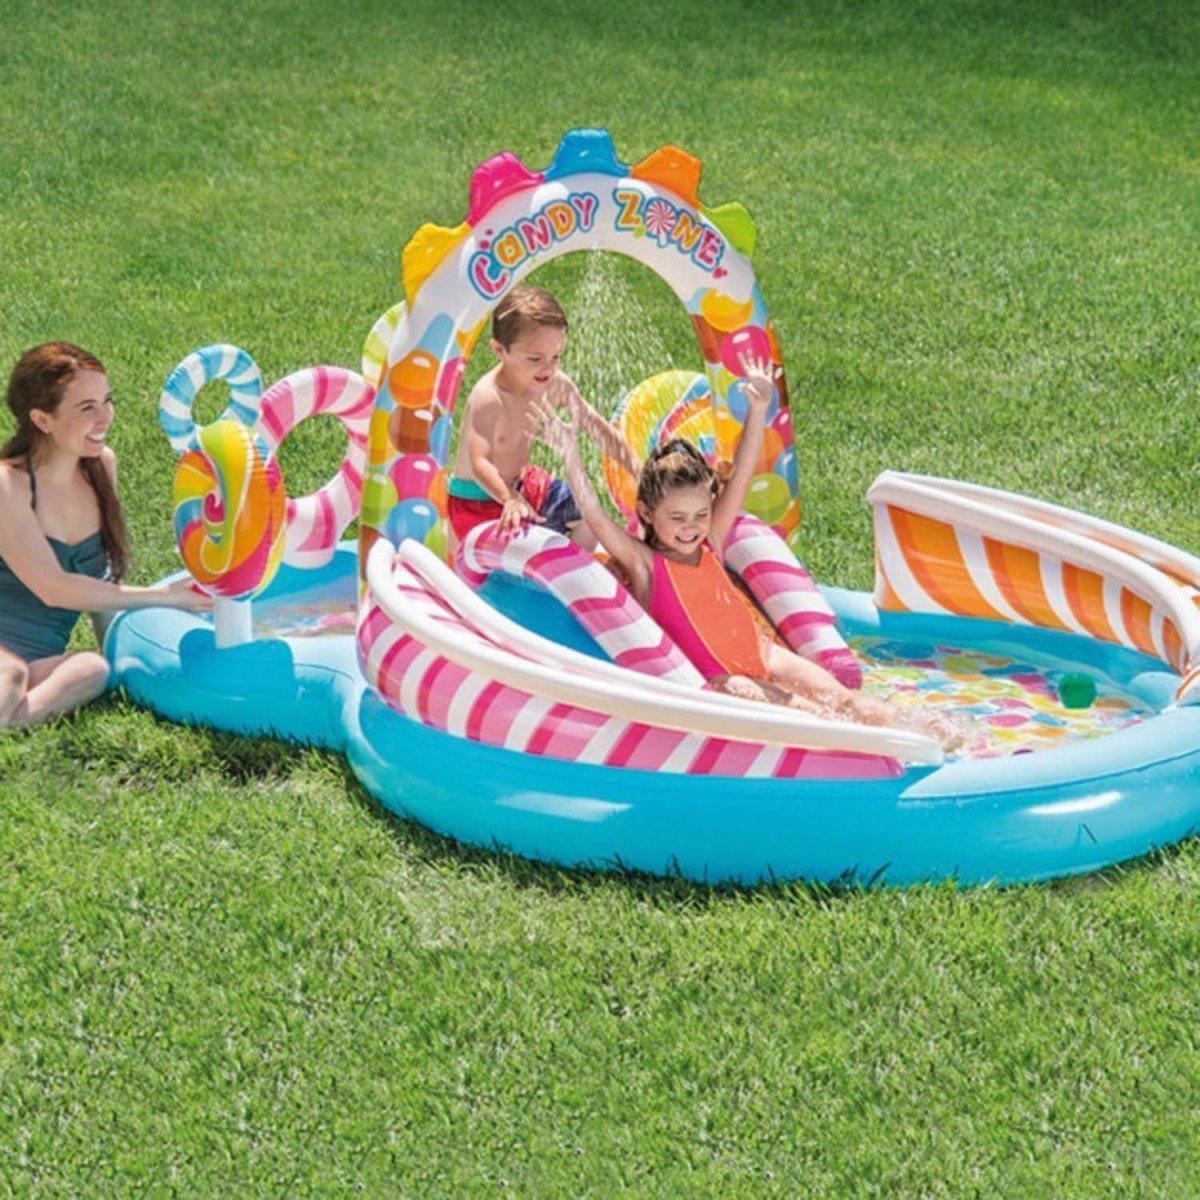 """Детский надувной игровой центр бассейн Intex 57149 """"Sweets"""" 295 см х 192 см х 130 см"""